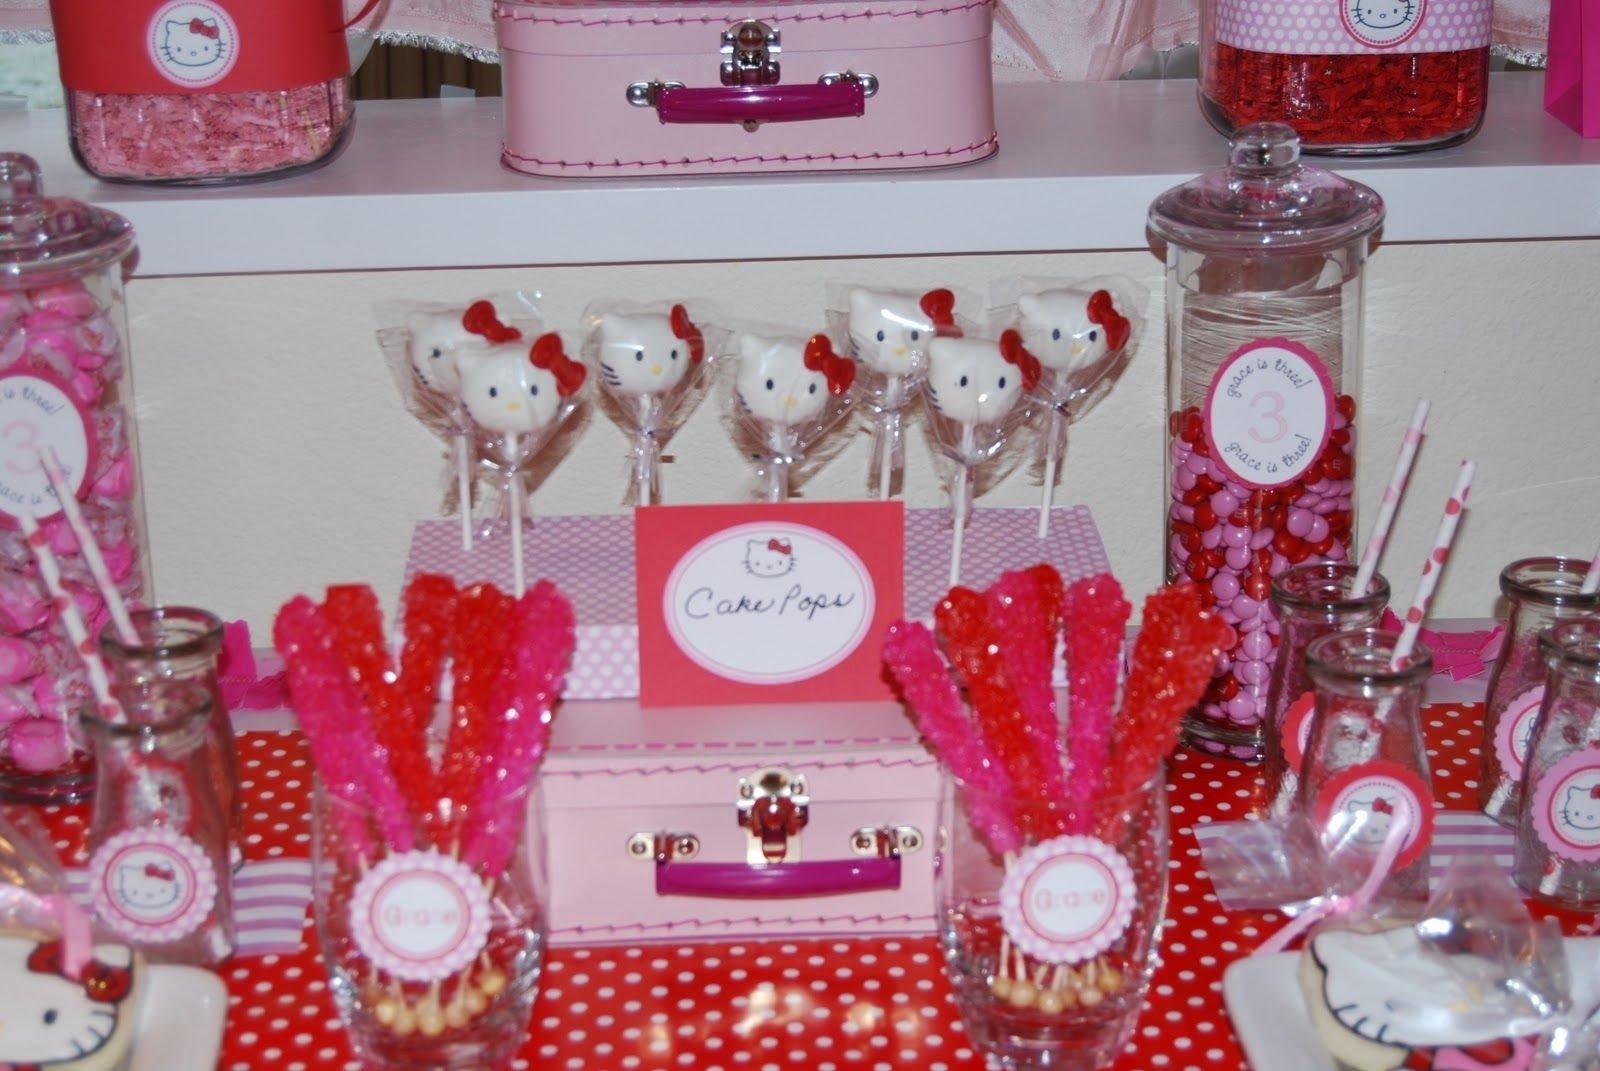 10 Unique Hello Kitty Party Decoration Ideas hello kitty birthday party ideas home sweet home place graces 2021